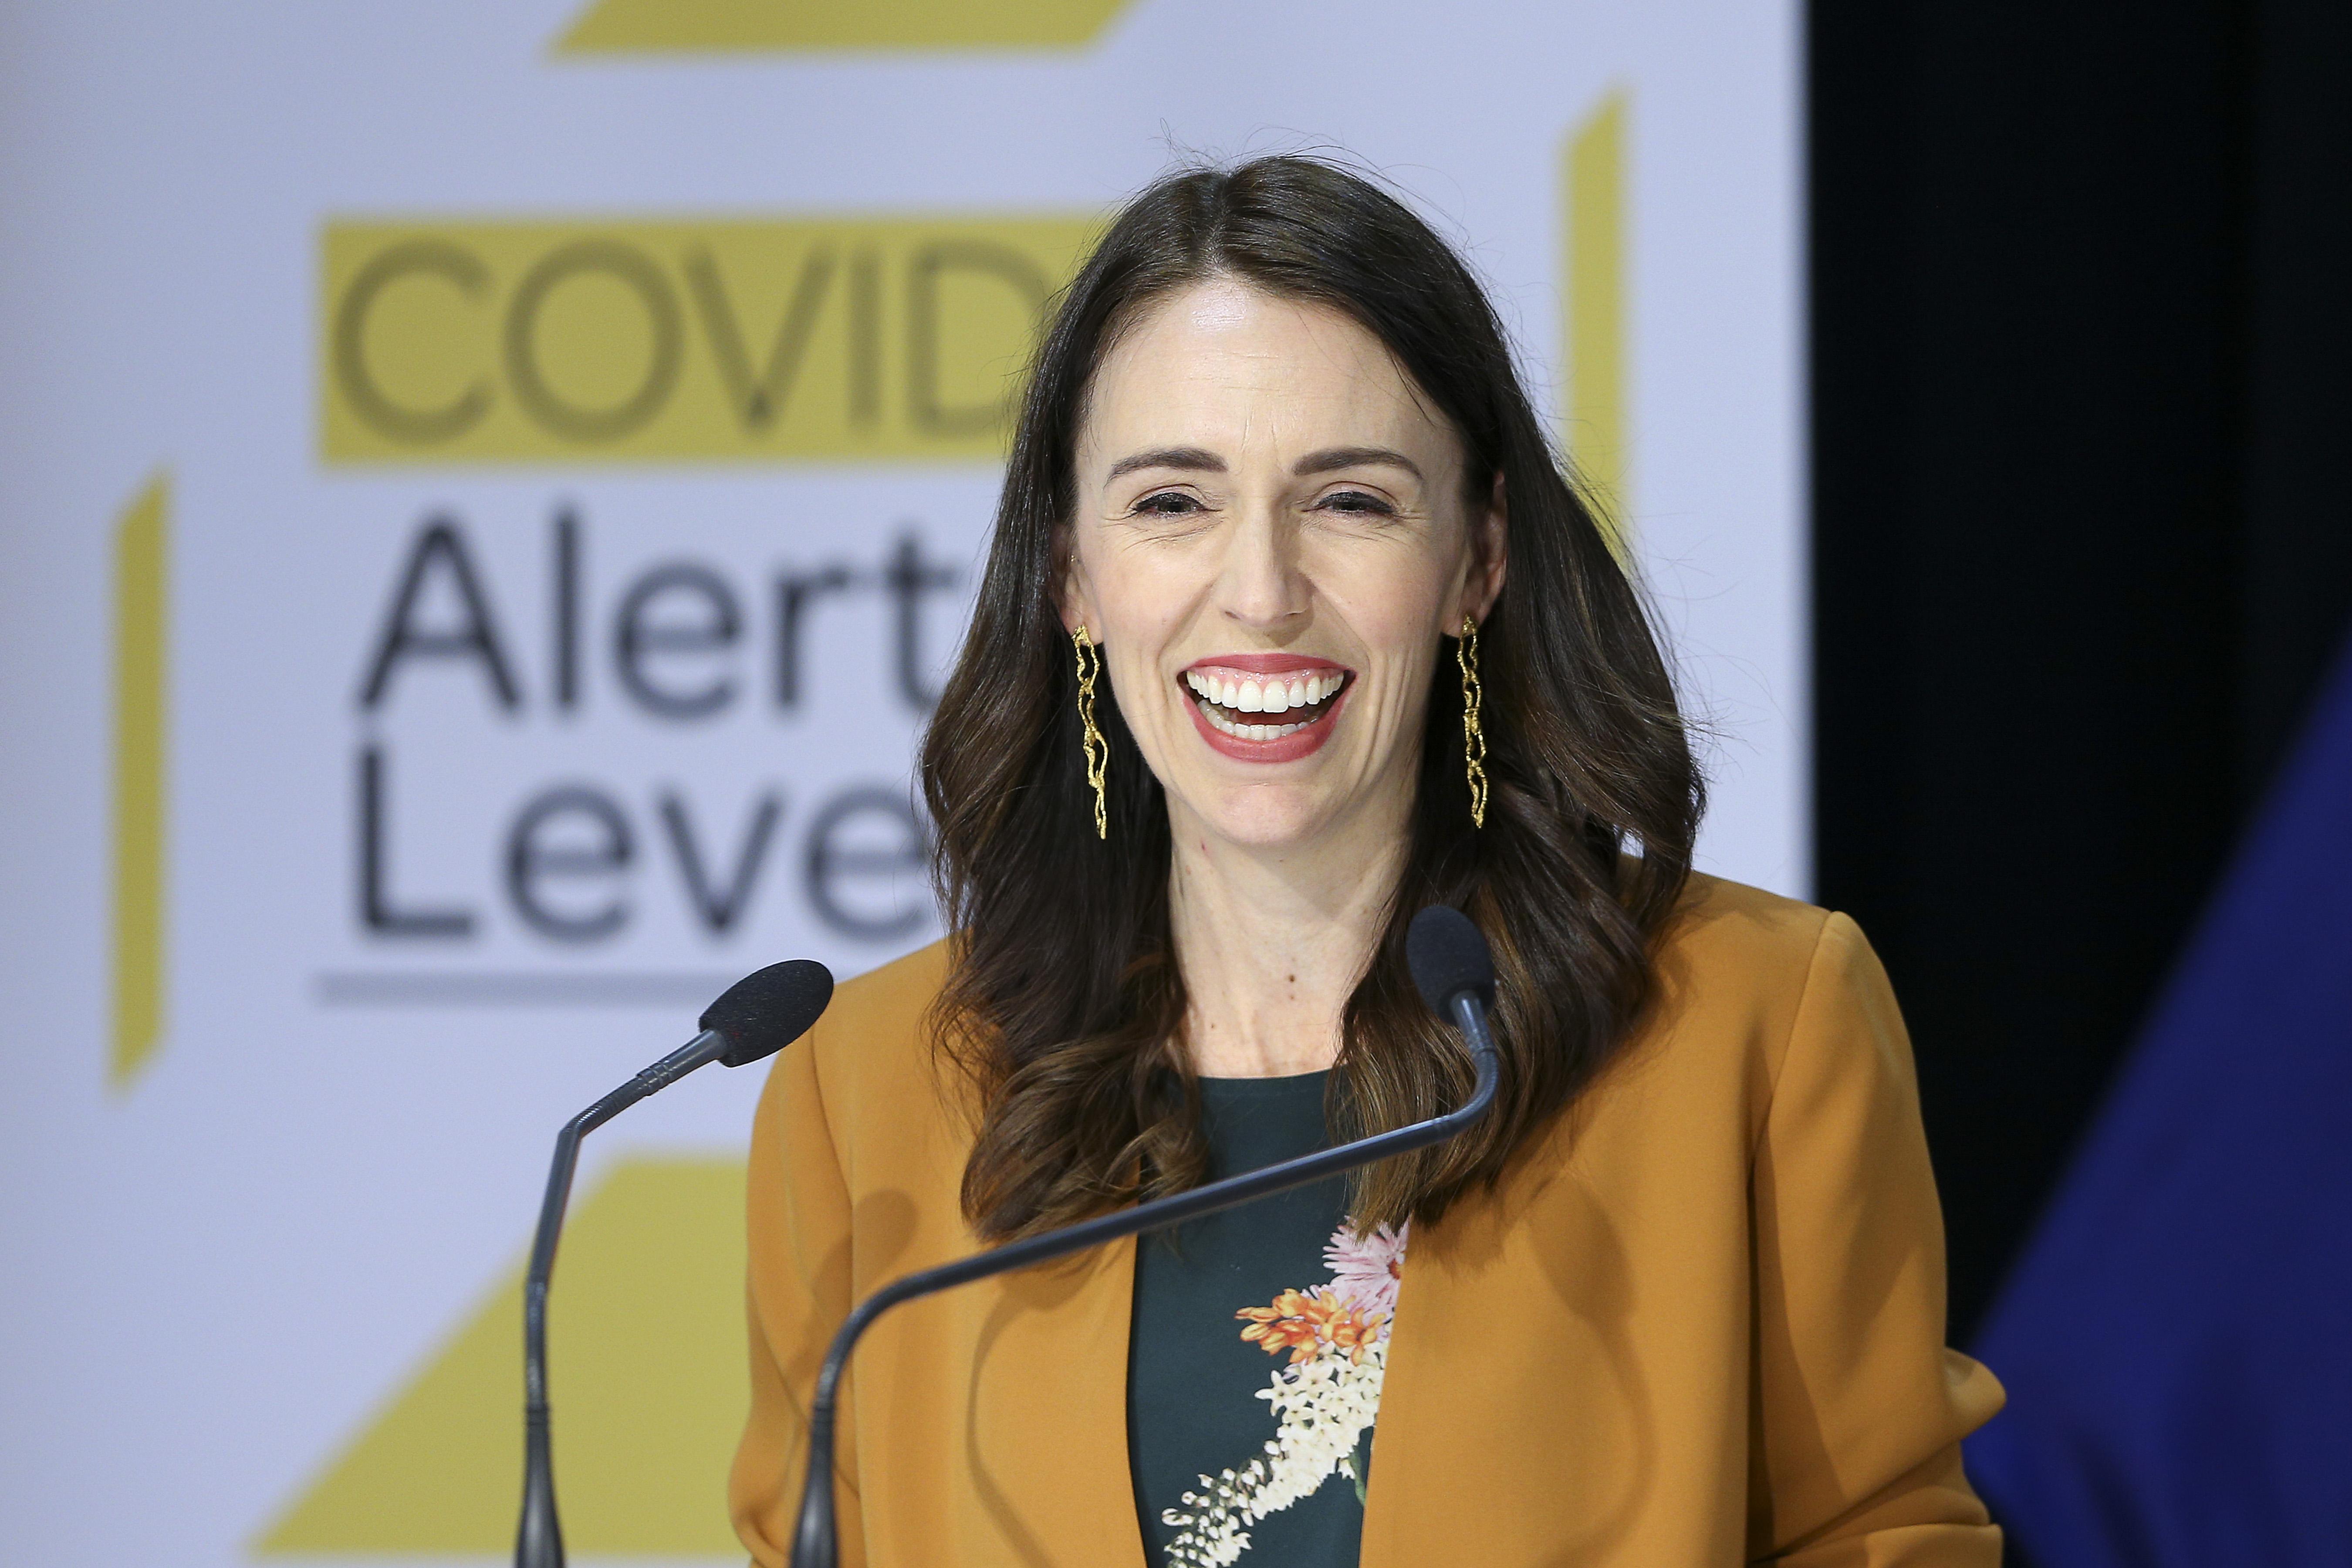 2020年6月8日,紐西蘭總理賈辛達·阿登(Jacinda Ardern)在國會的新聞發佈會上宣佈,該國中共病毒(武漢病毒)病例清零。(Hagen Hopkins/Getty Images)